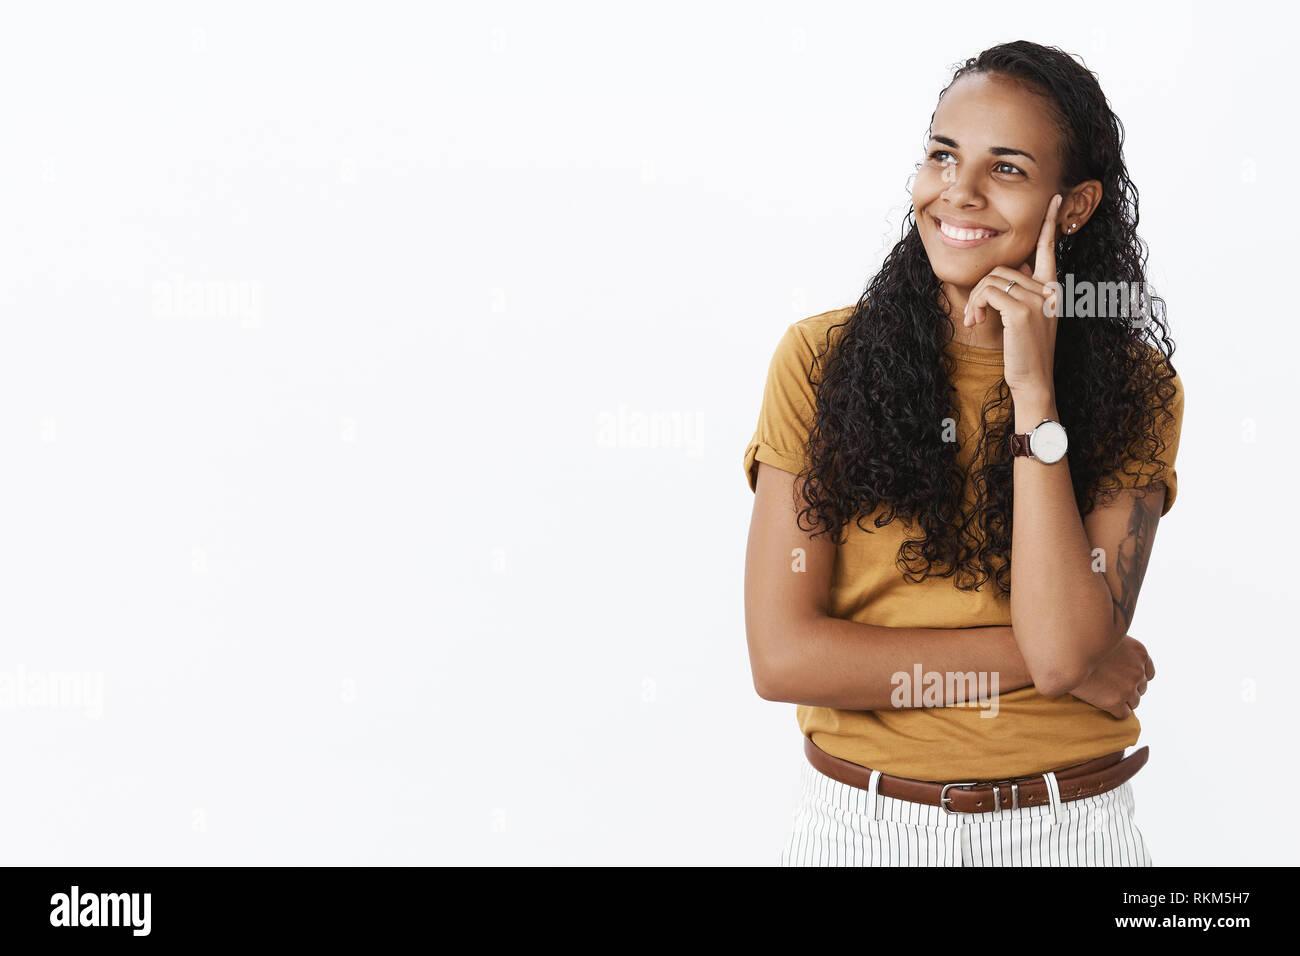 Filmación en interiores de feliz despreocupación encantador encantado mujer afroamericana en t-shirt manteniendo el dedo en el templo sonriendo satisfecho como mirada nostálgica izquierdo Imagen De Stock